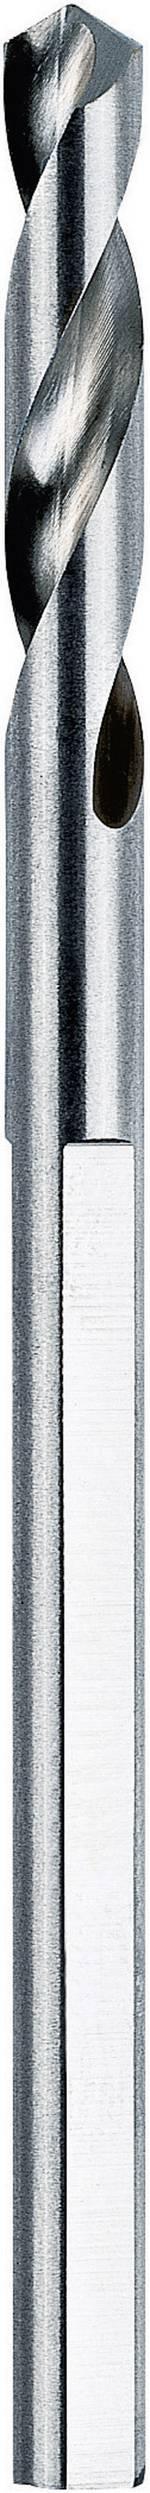 32-152 SDS-Plus avec foret de centrage 152 mm Heller 10071 7 Cobalt 1 pc(s)